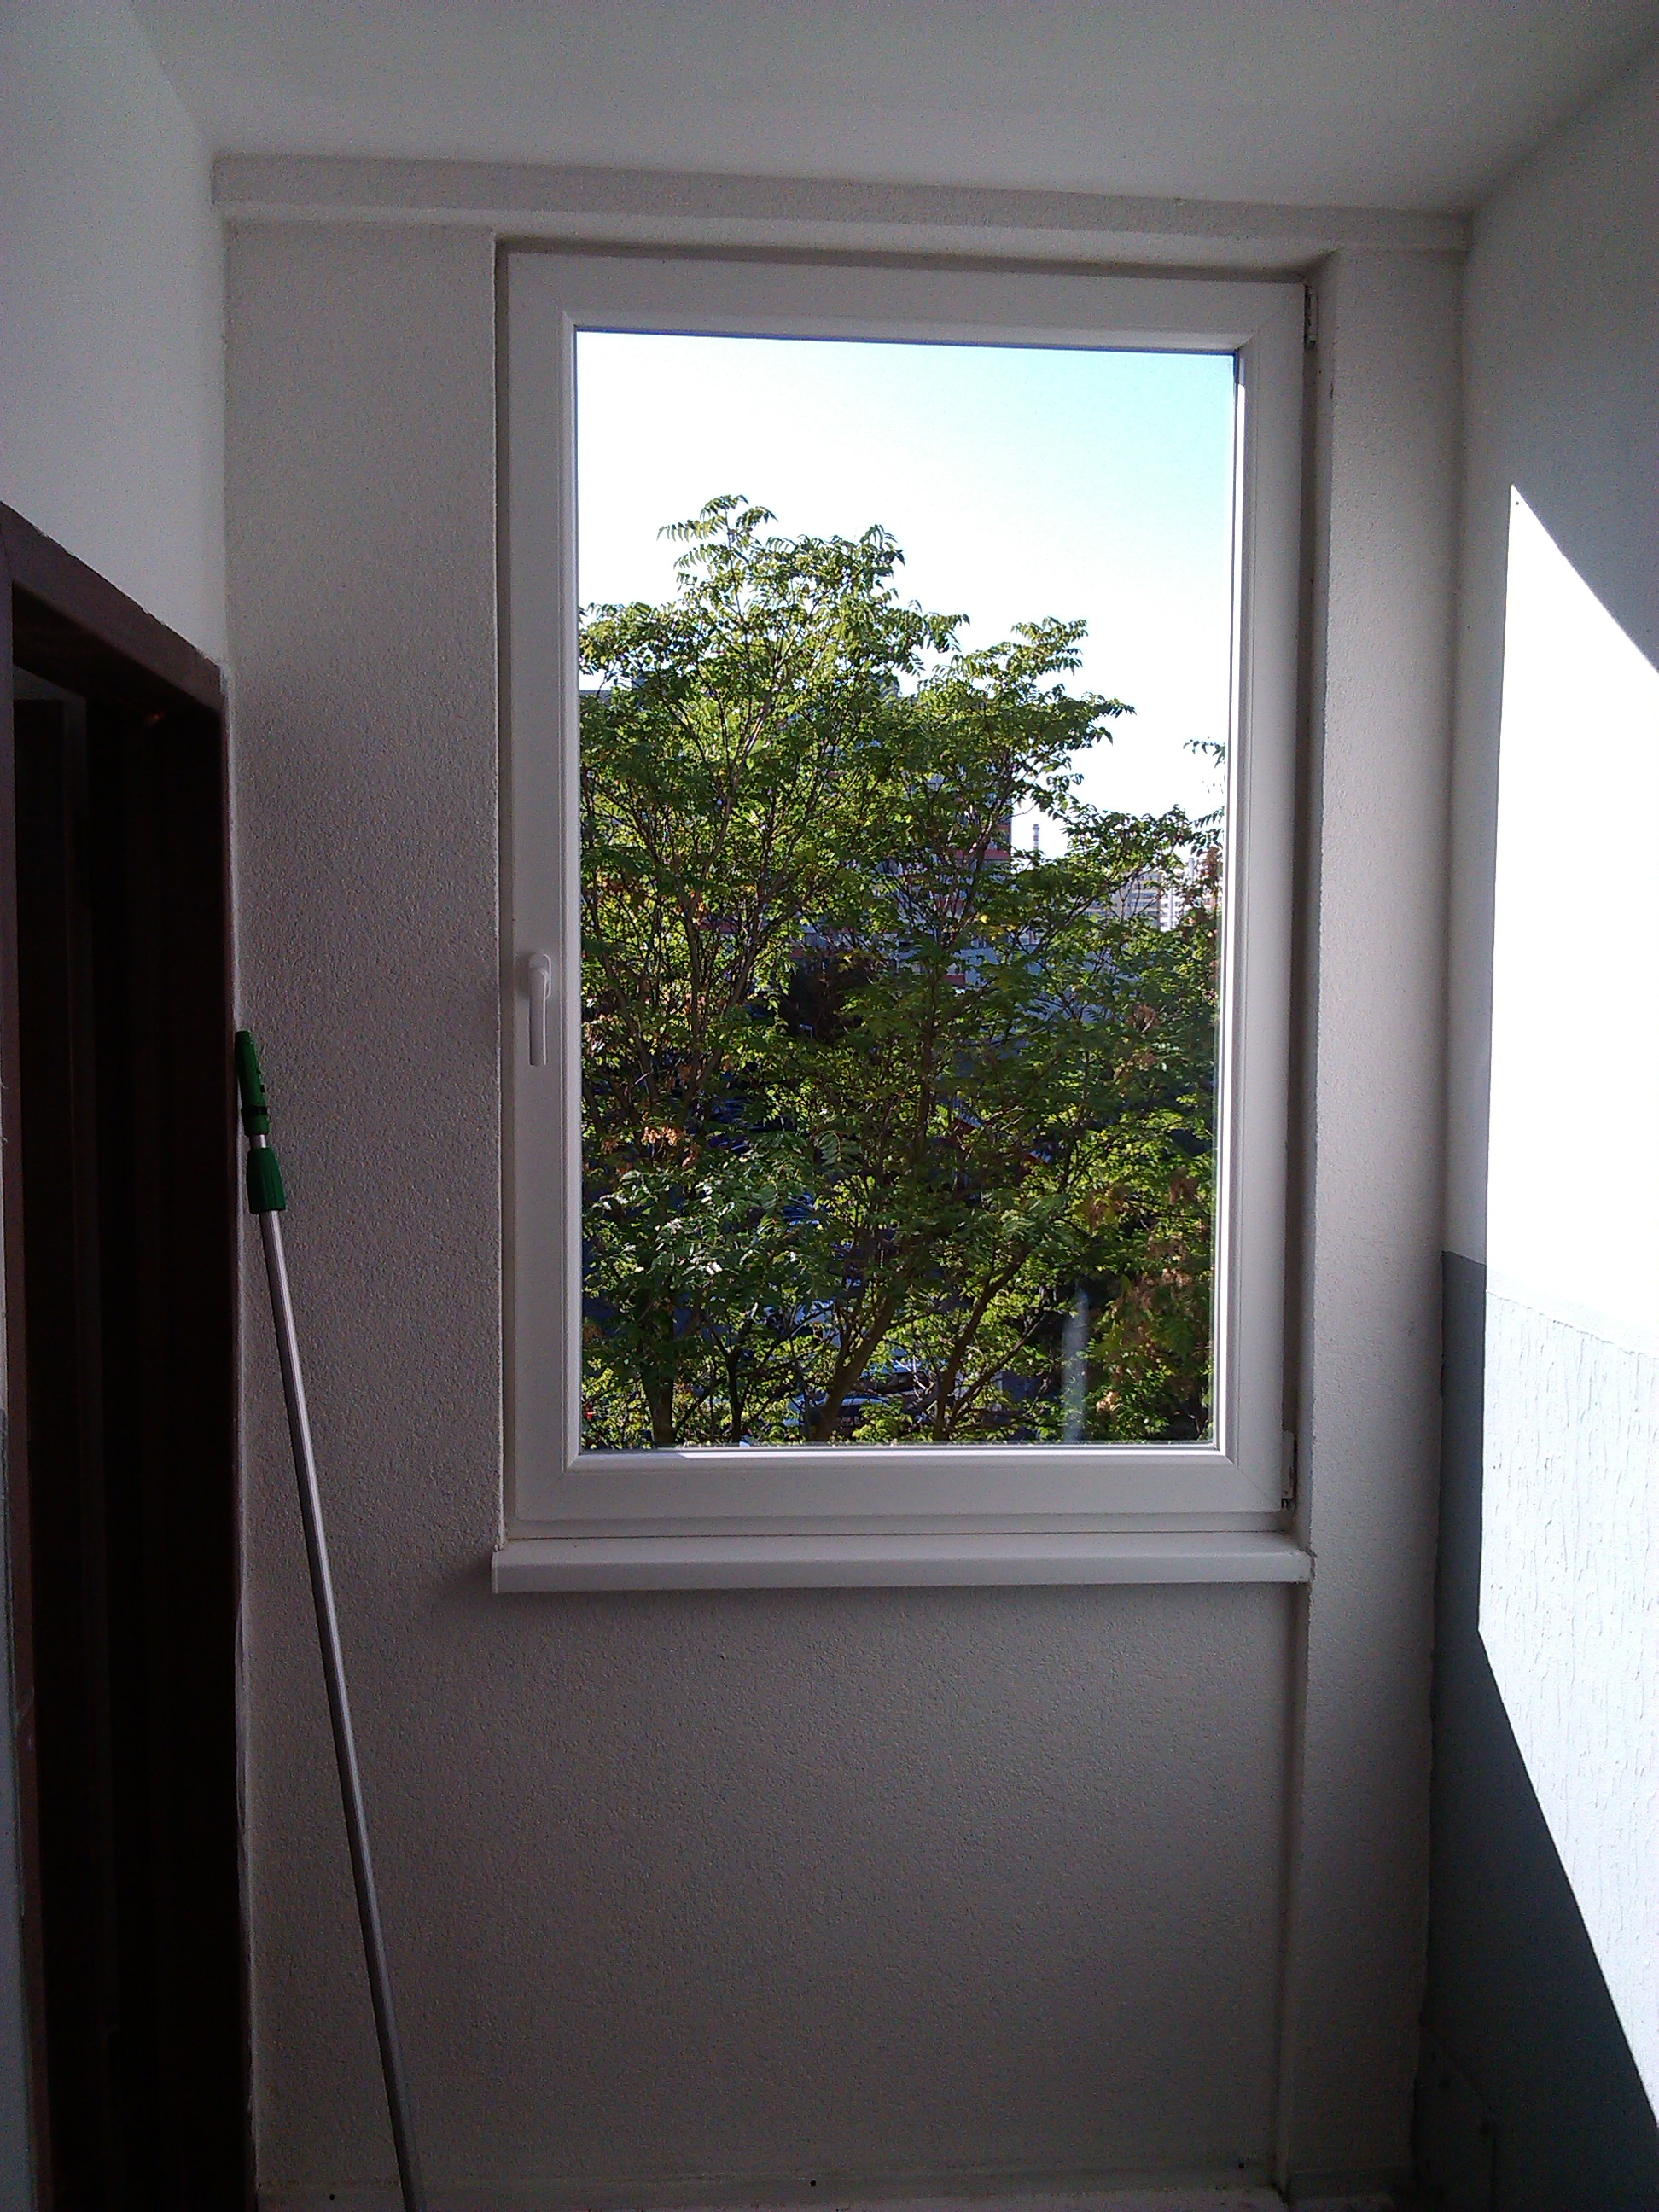 V čase od 8. - 14. októbra 2013 naši dvaja zamestnanci firmy vykonávali umývanie okien a čistenie ich rámov a okenných parapiet. Jednalo sa o odstraňovanie fólií a polepov z okien a výkladov Trenčín, umývanie okien Trenčín a detailné vyčistenie zbytkov lepidiel po strhávaní polepov, fólií, banerov Trenčín. Celková doba práce bola približne 22 hodín a pri umývaní okien bolo zaistené aj odstraňovanie polepov z ich povrchu. Akcia prebiehala v bytovom komplexe, kde sme čistili presklené plochy na troch vchodoch. Všetko sa zaobišlo bez akýchkoľvek problémov a musíme zdôrazniť, že pri umývaní okien, výkladov a iných presklených plôch nikdy nepoužívame leštiace prípravky. Našim zákazníkom teda môžeme zaručiť, že sa na povrchu ich okien po súvislom zaprášení nevyskytnú ťahy a kruhy po leštení. Okná sa čistili dosť ťažko pri porovnaní s inými zákazkami, pretože neboli dlhšiu dobu umývané a na ich povrchu sa vytvoril vodný kameň, ktorý sme museli škrabať za pomoci octu. Na odstránenie polepov z okien sme použili korundové žiletky, ktoré majú minimálny priemer 10 cm. Týmto je zaručené, že nedôjde k poškodeniu skleneného povrchu. Akcia dopadla veľmi dobre. S umývaním okien bol zákazník úplne spokojný. Následne si ešte vyžiadal doplnkové práce podľa predstáv nájomníkov tohto bytového komplexu.